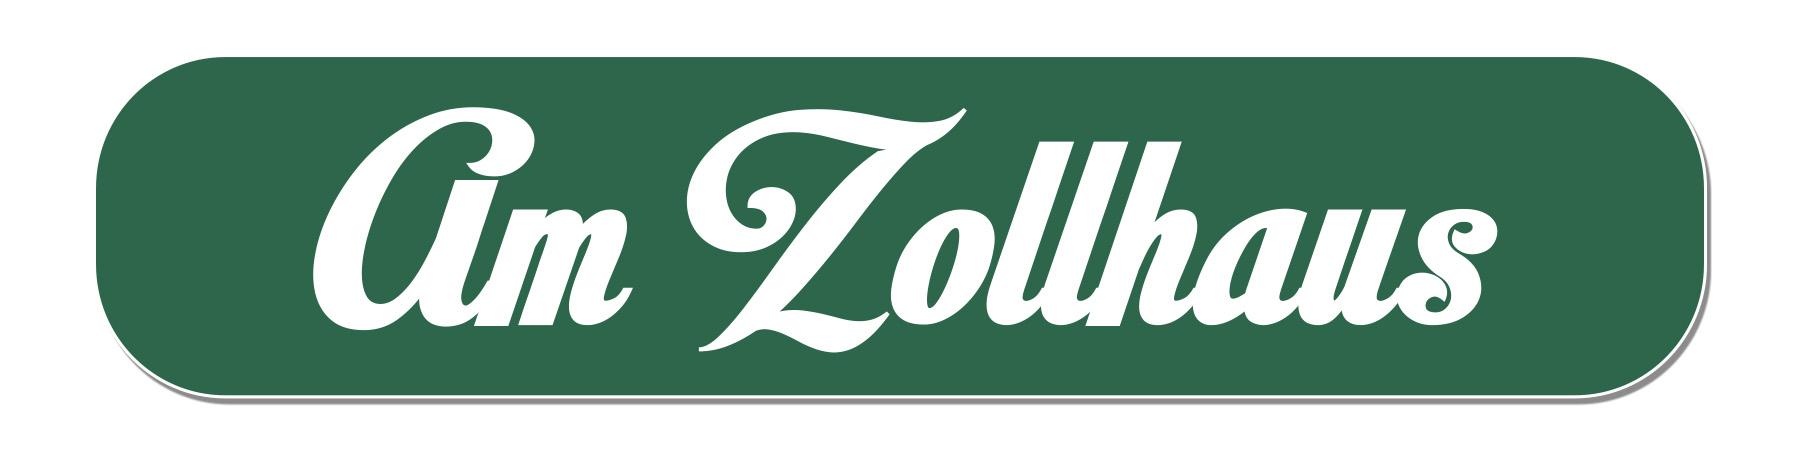 Am Zollhaus